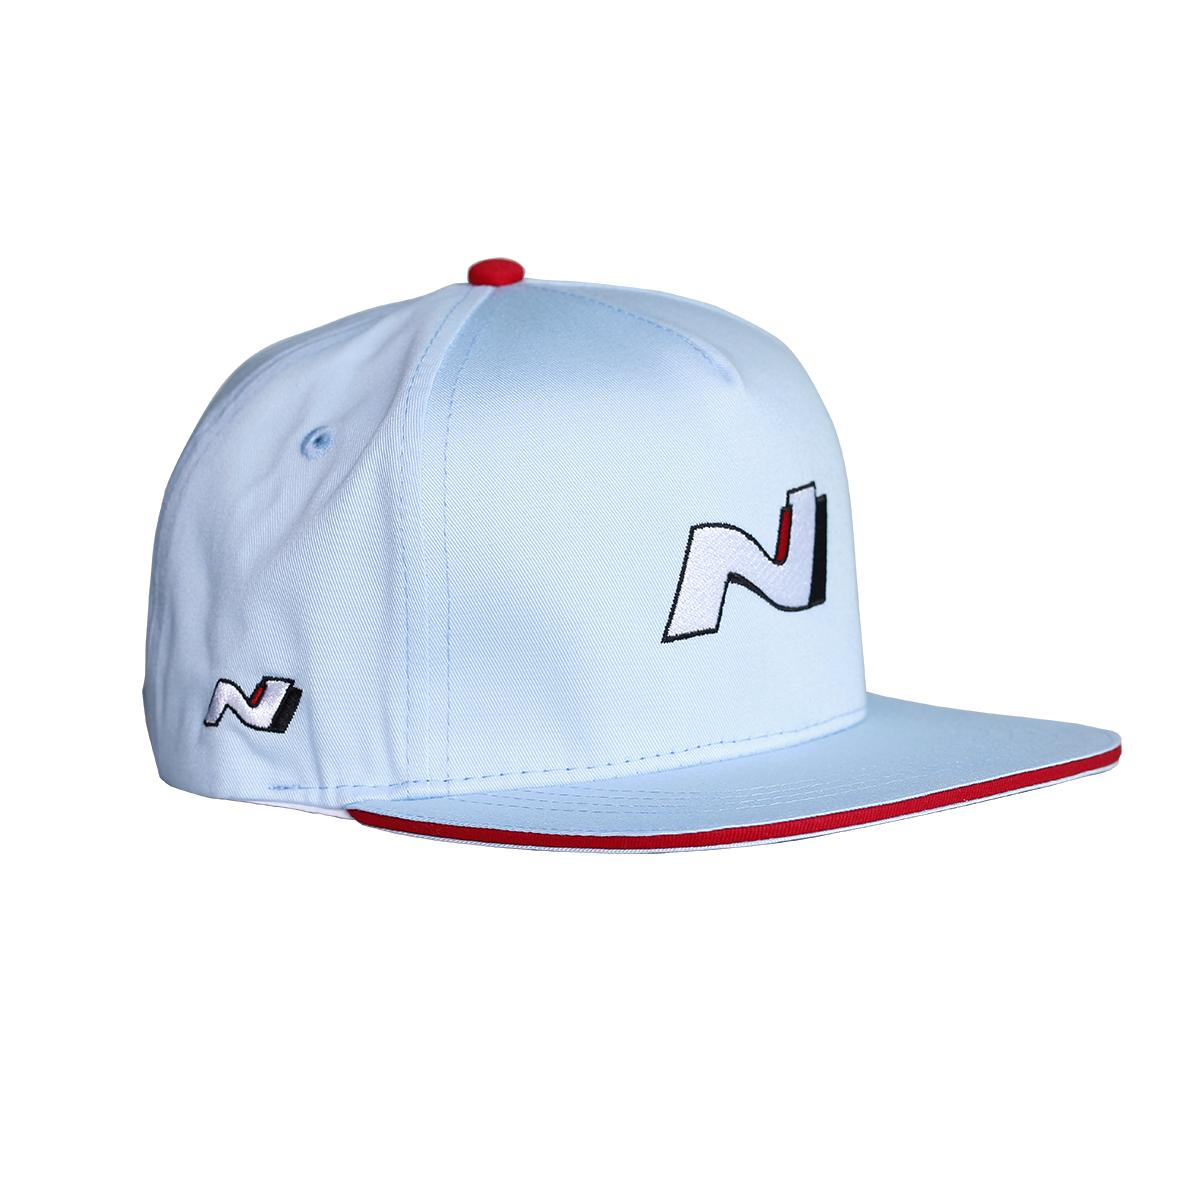 ffd6e047f228be Die moderne Flat Peak Baseball Cap der neuen i30N Kollektion ist das  perfekte Accessoire für einen sportlichen Freizeit Look.